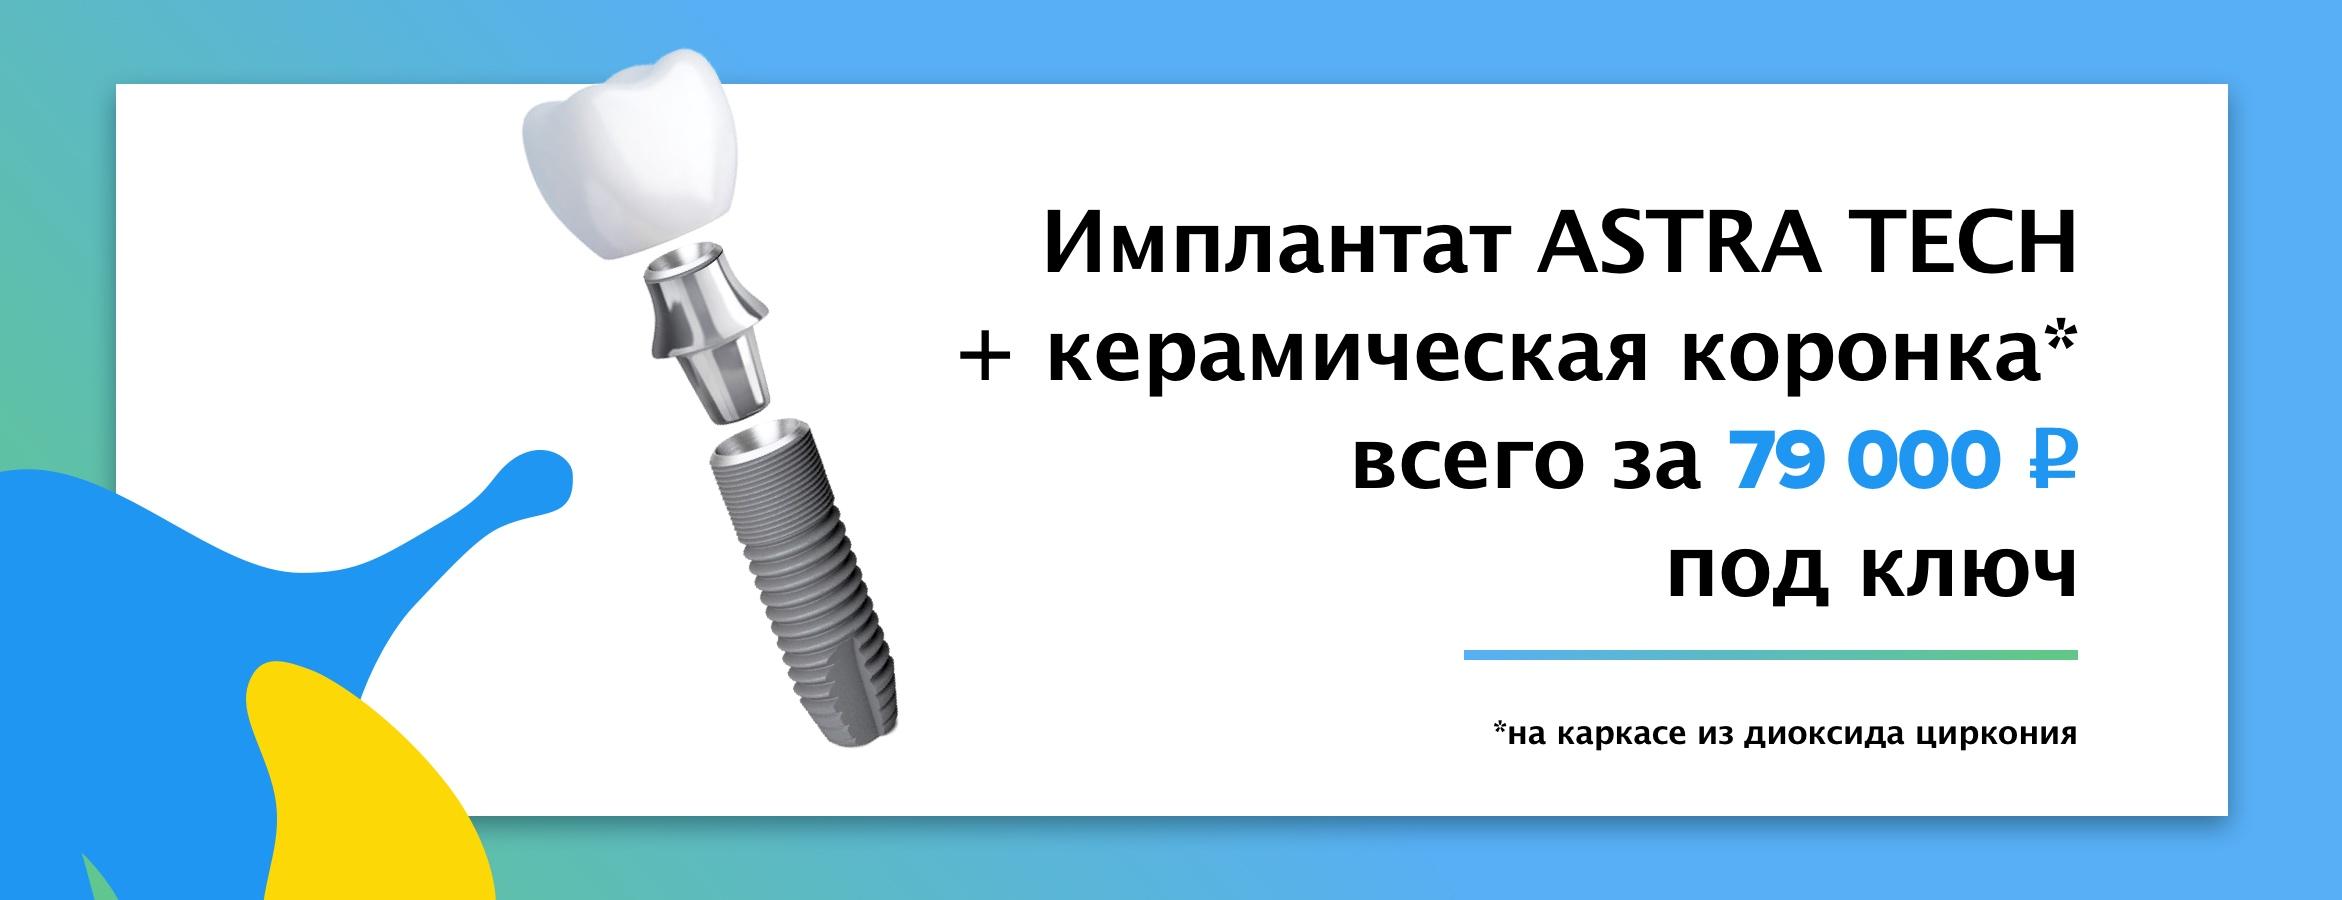 Имплантат Astra Tech + керамическая коронка под ключ